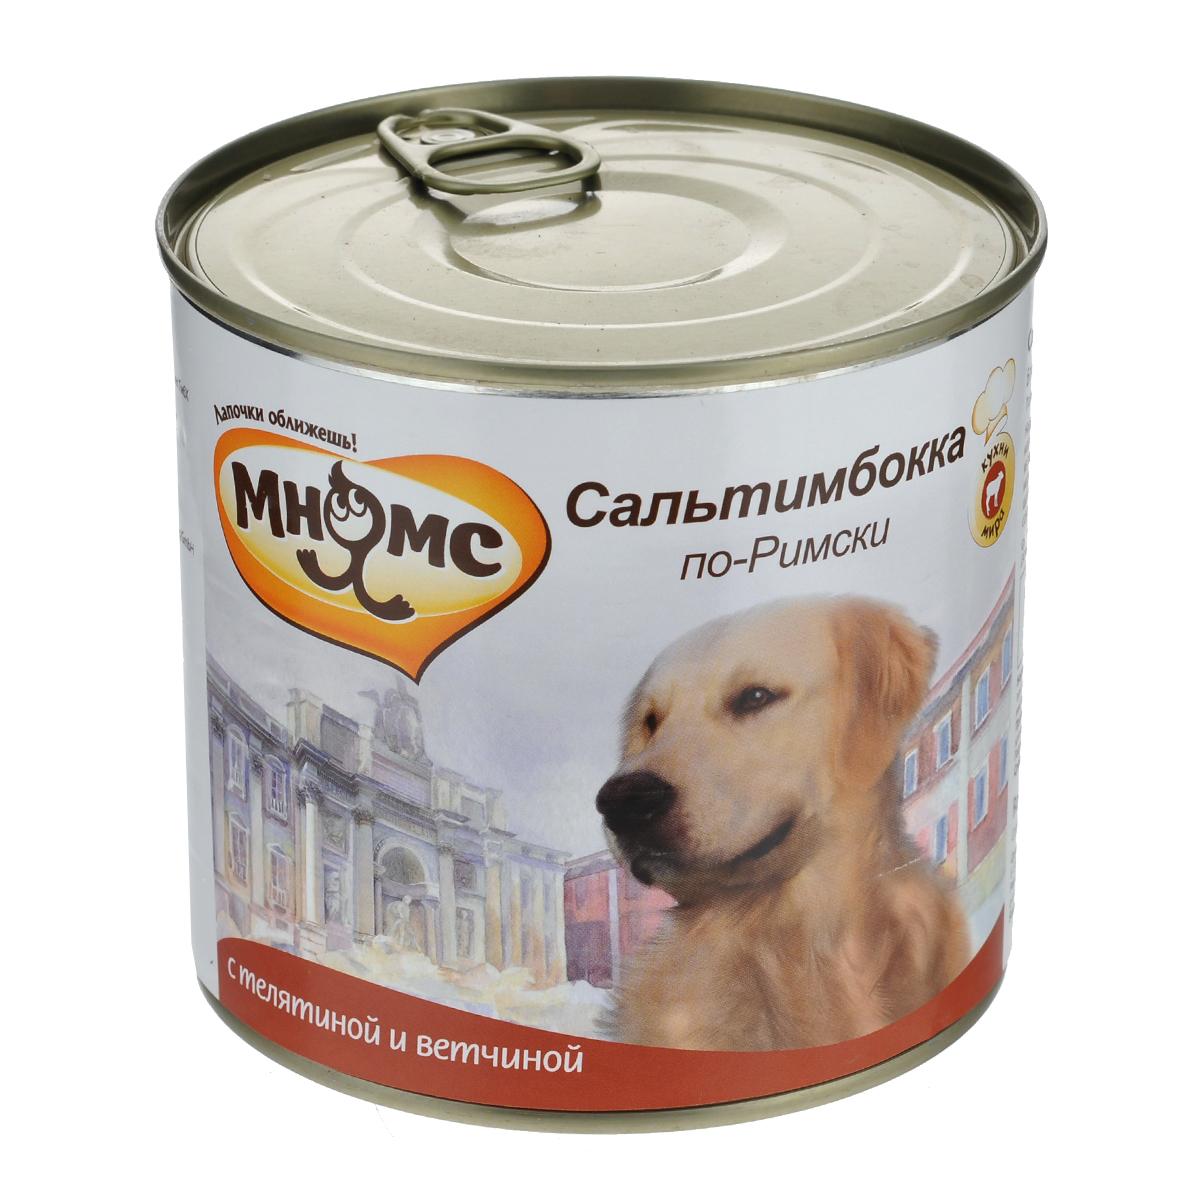 Консервы для собак Мнямс Сальтимбокка по-римски, телятина и ветчина, 600г